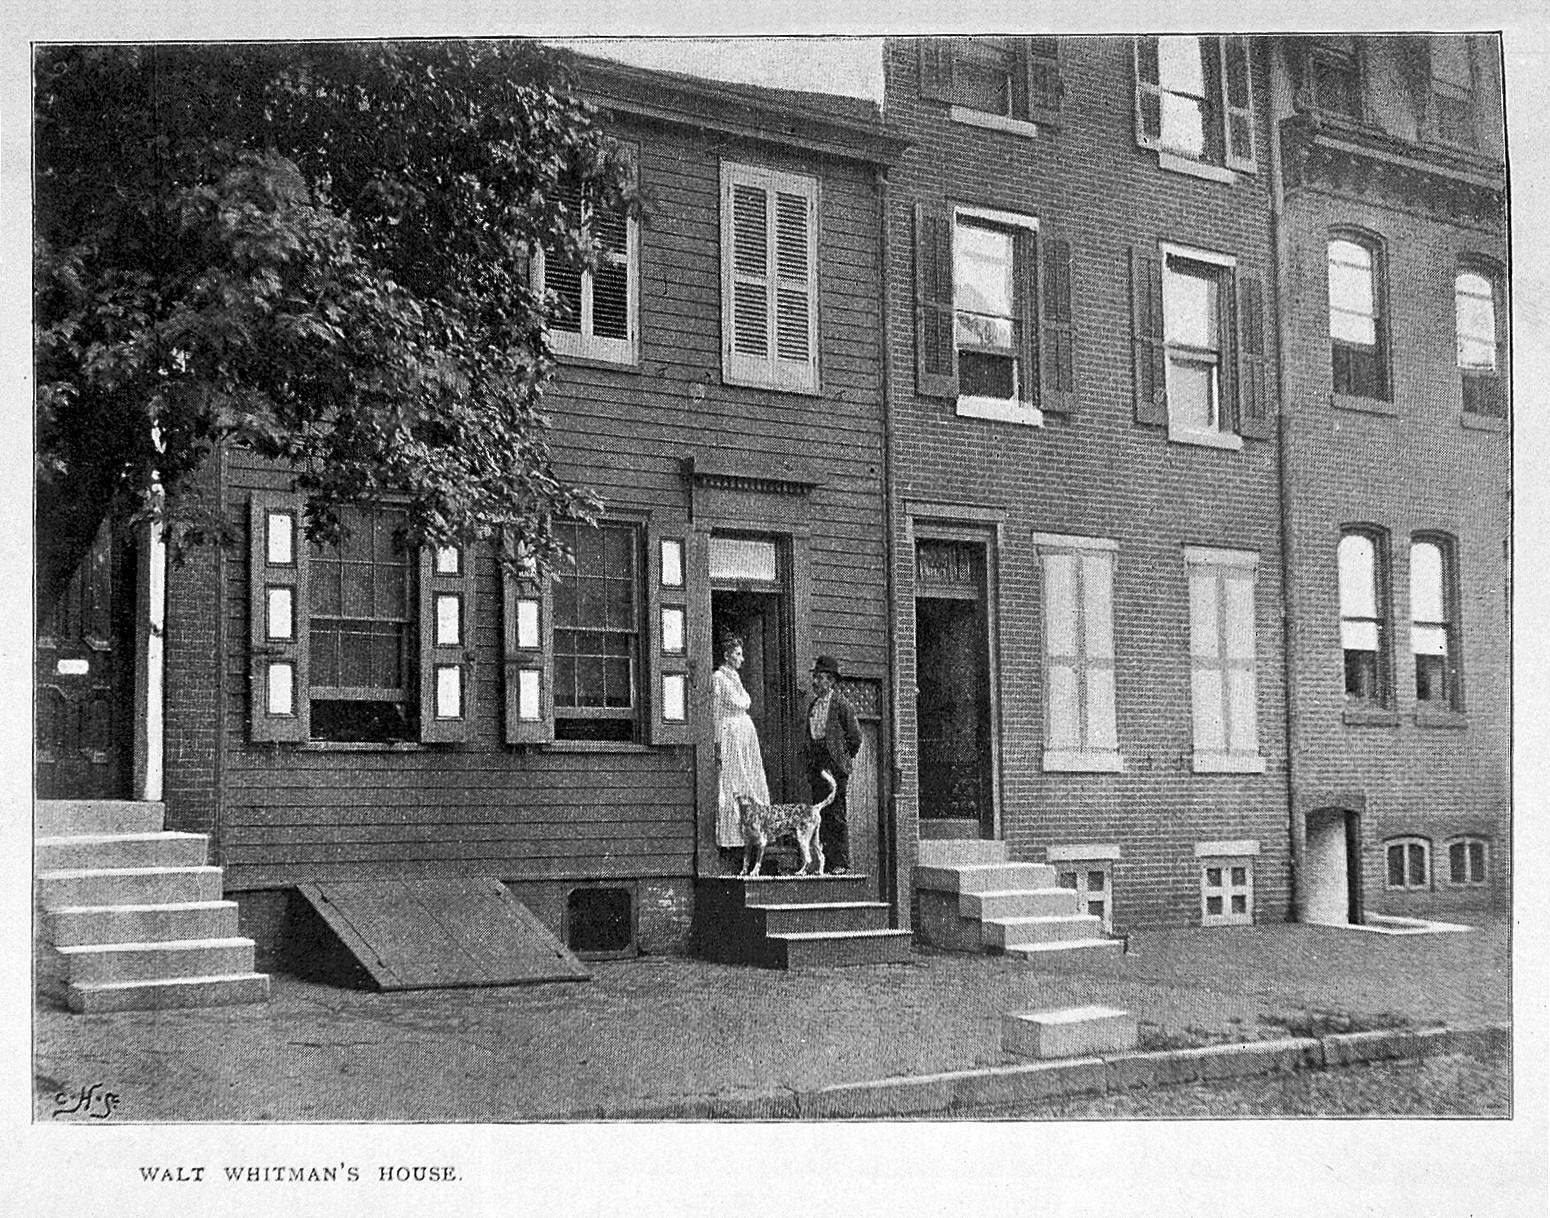 Walt Whitman's house in Camden, New Jersey